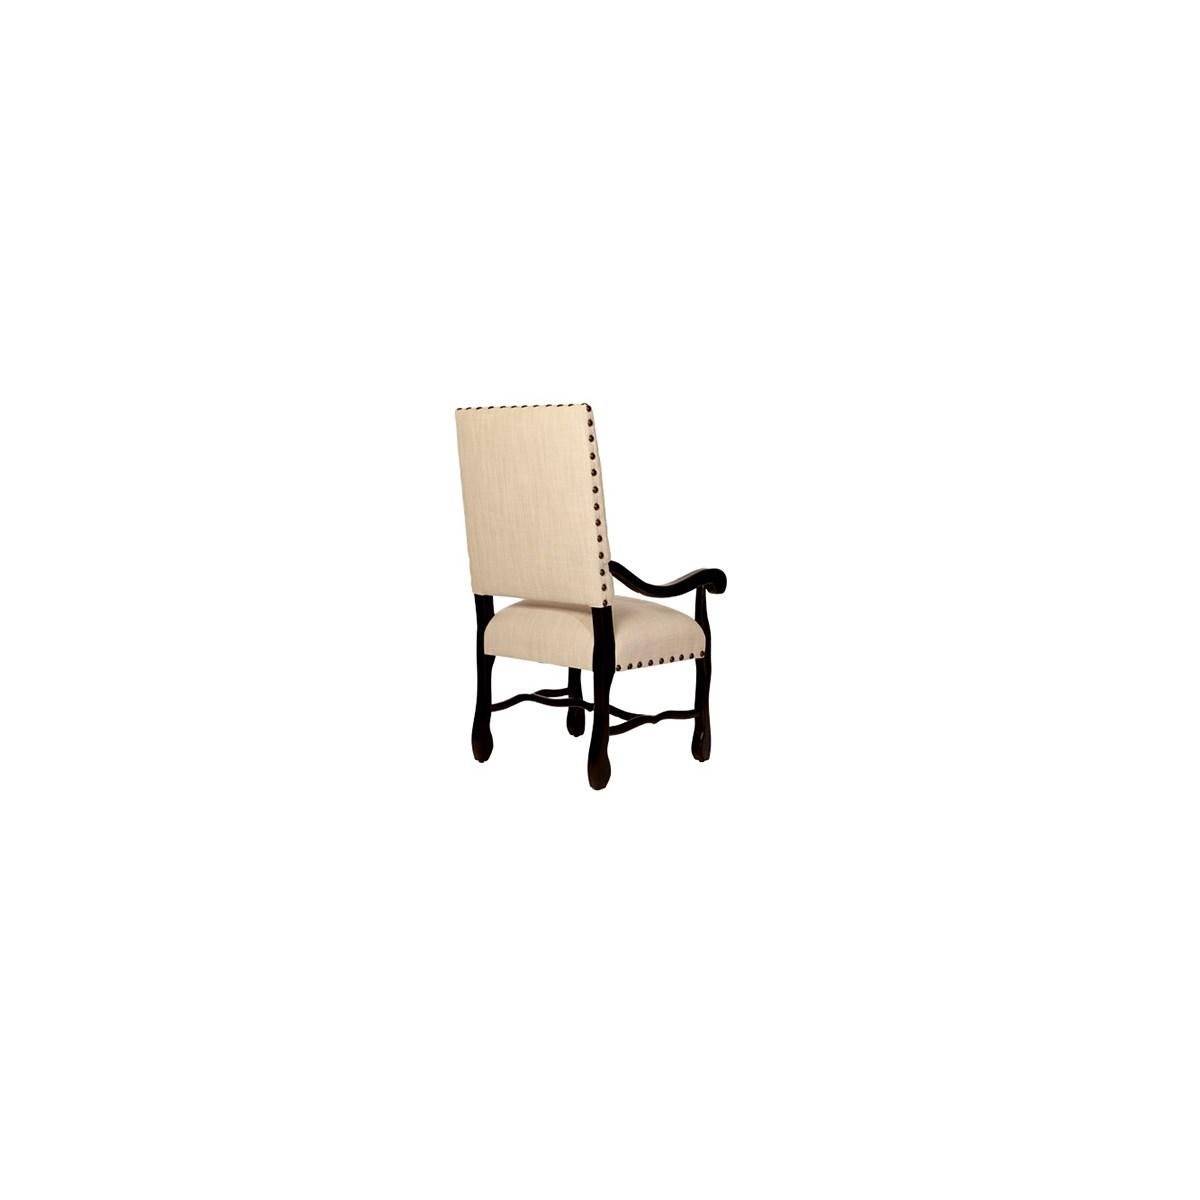 Marbella Arm Chair